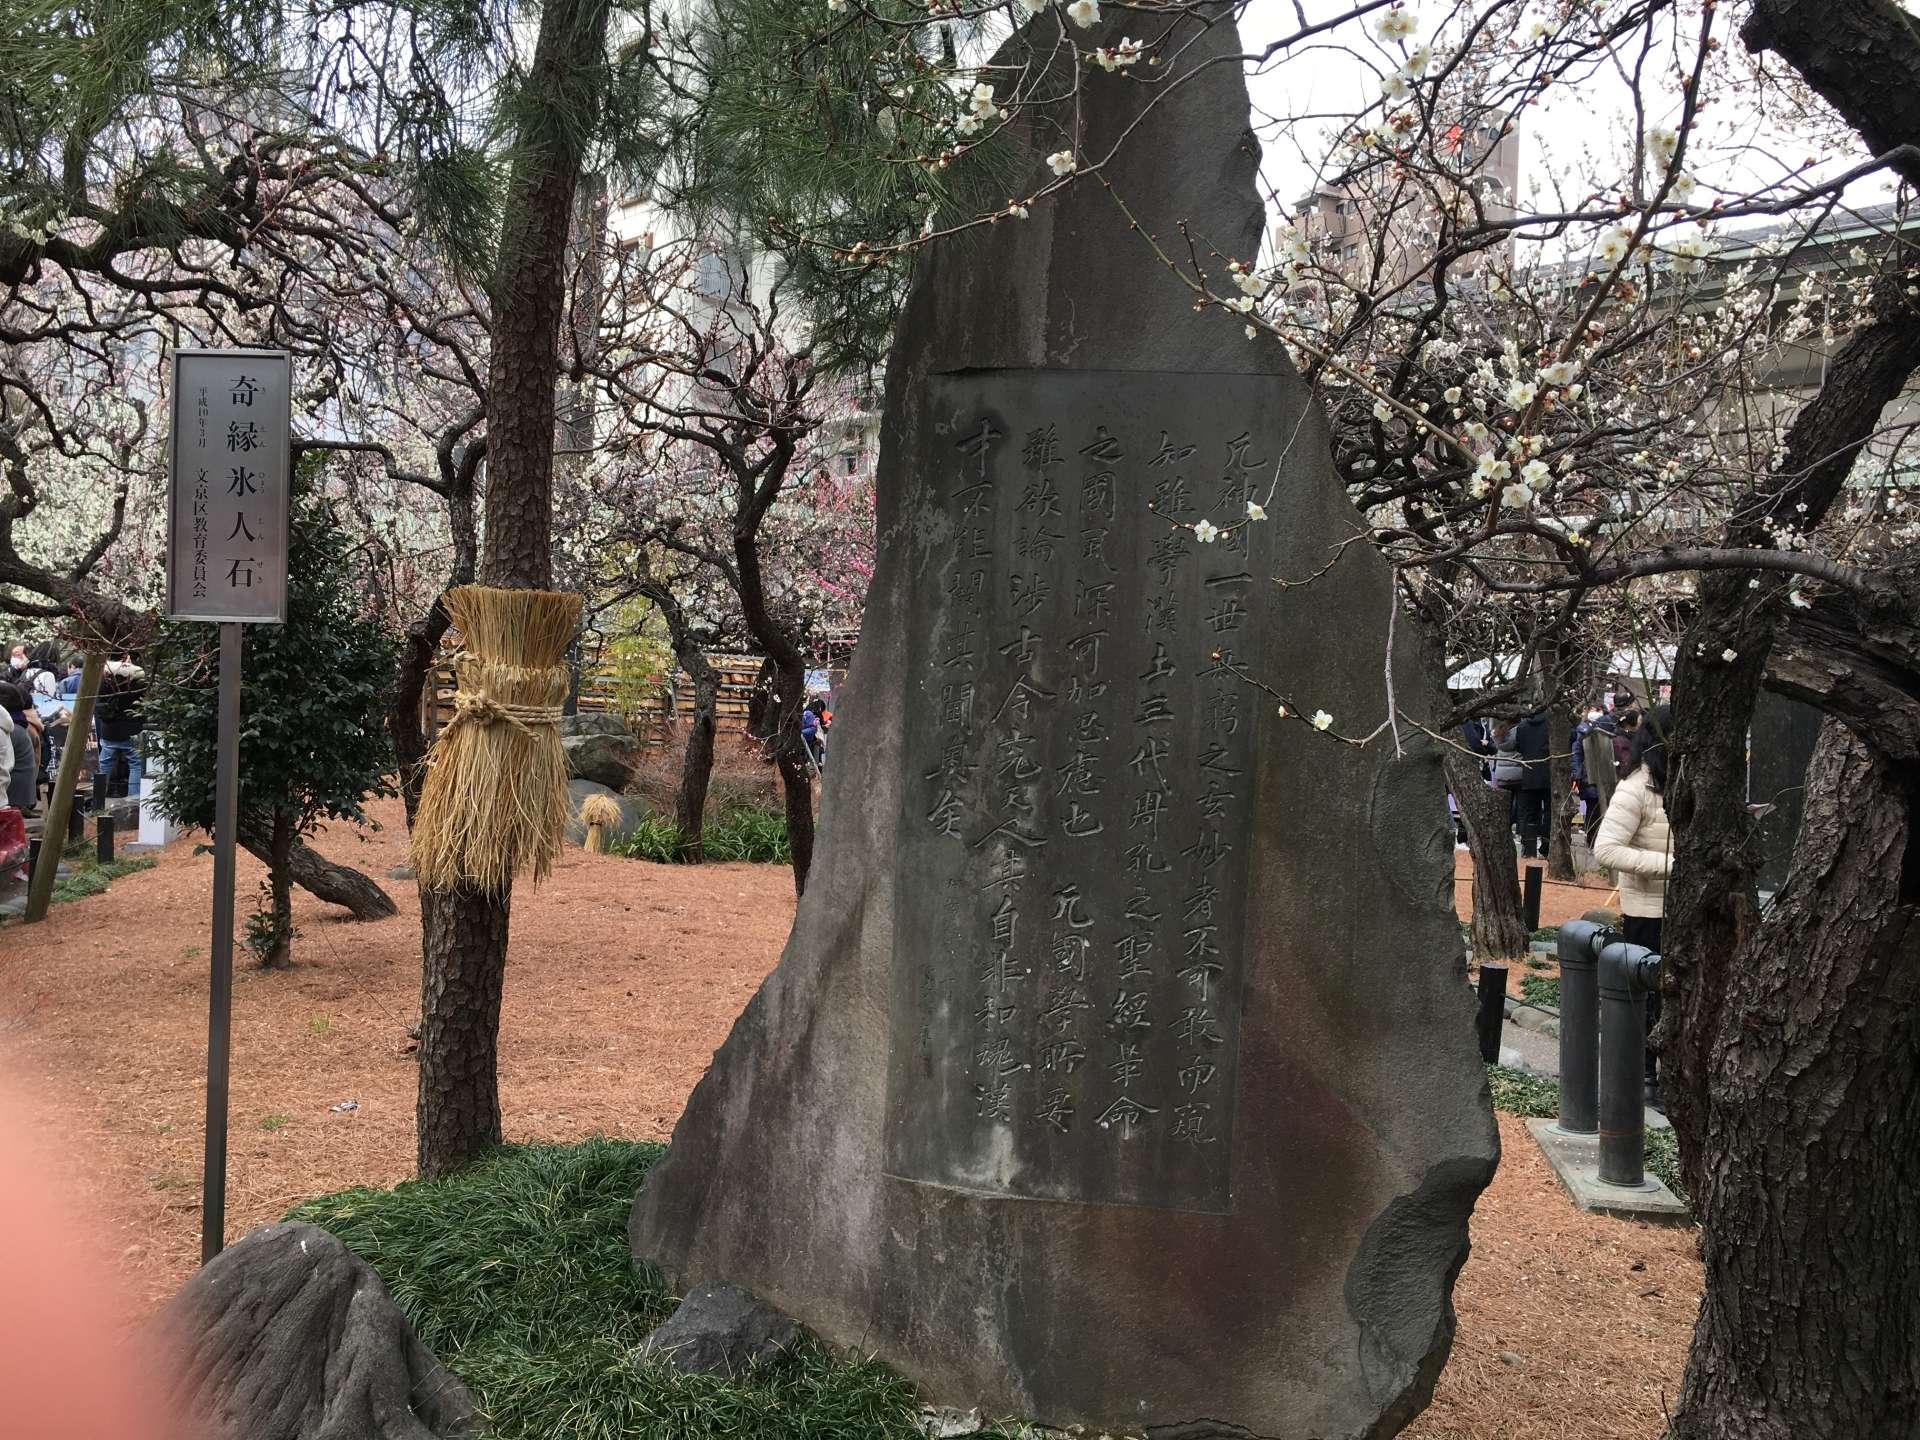 梅花映襯下的古老石碑